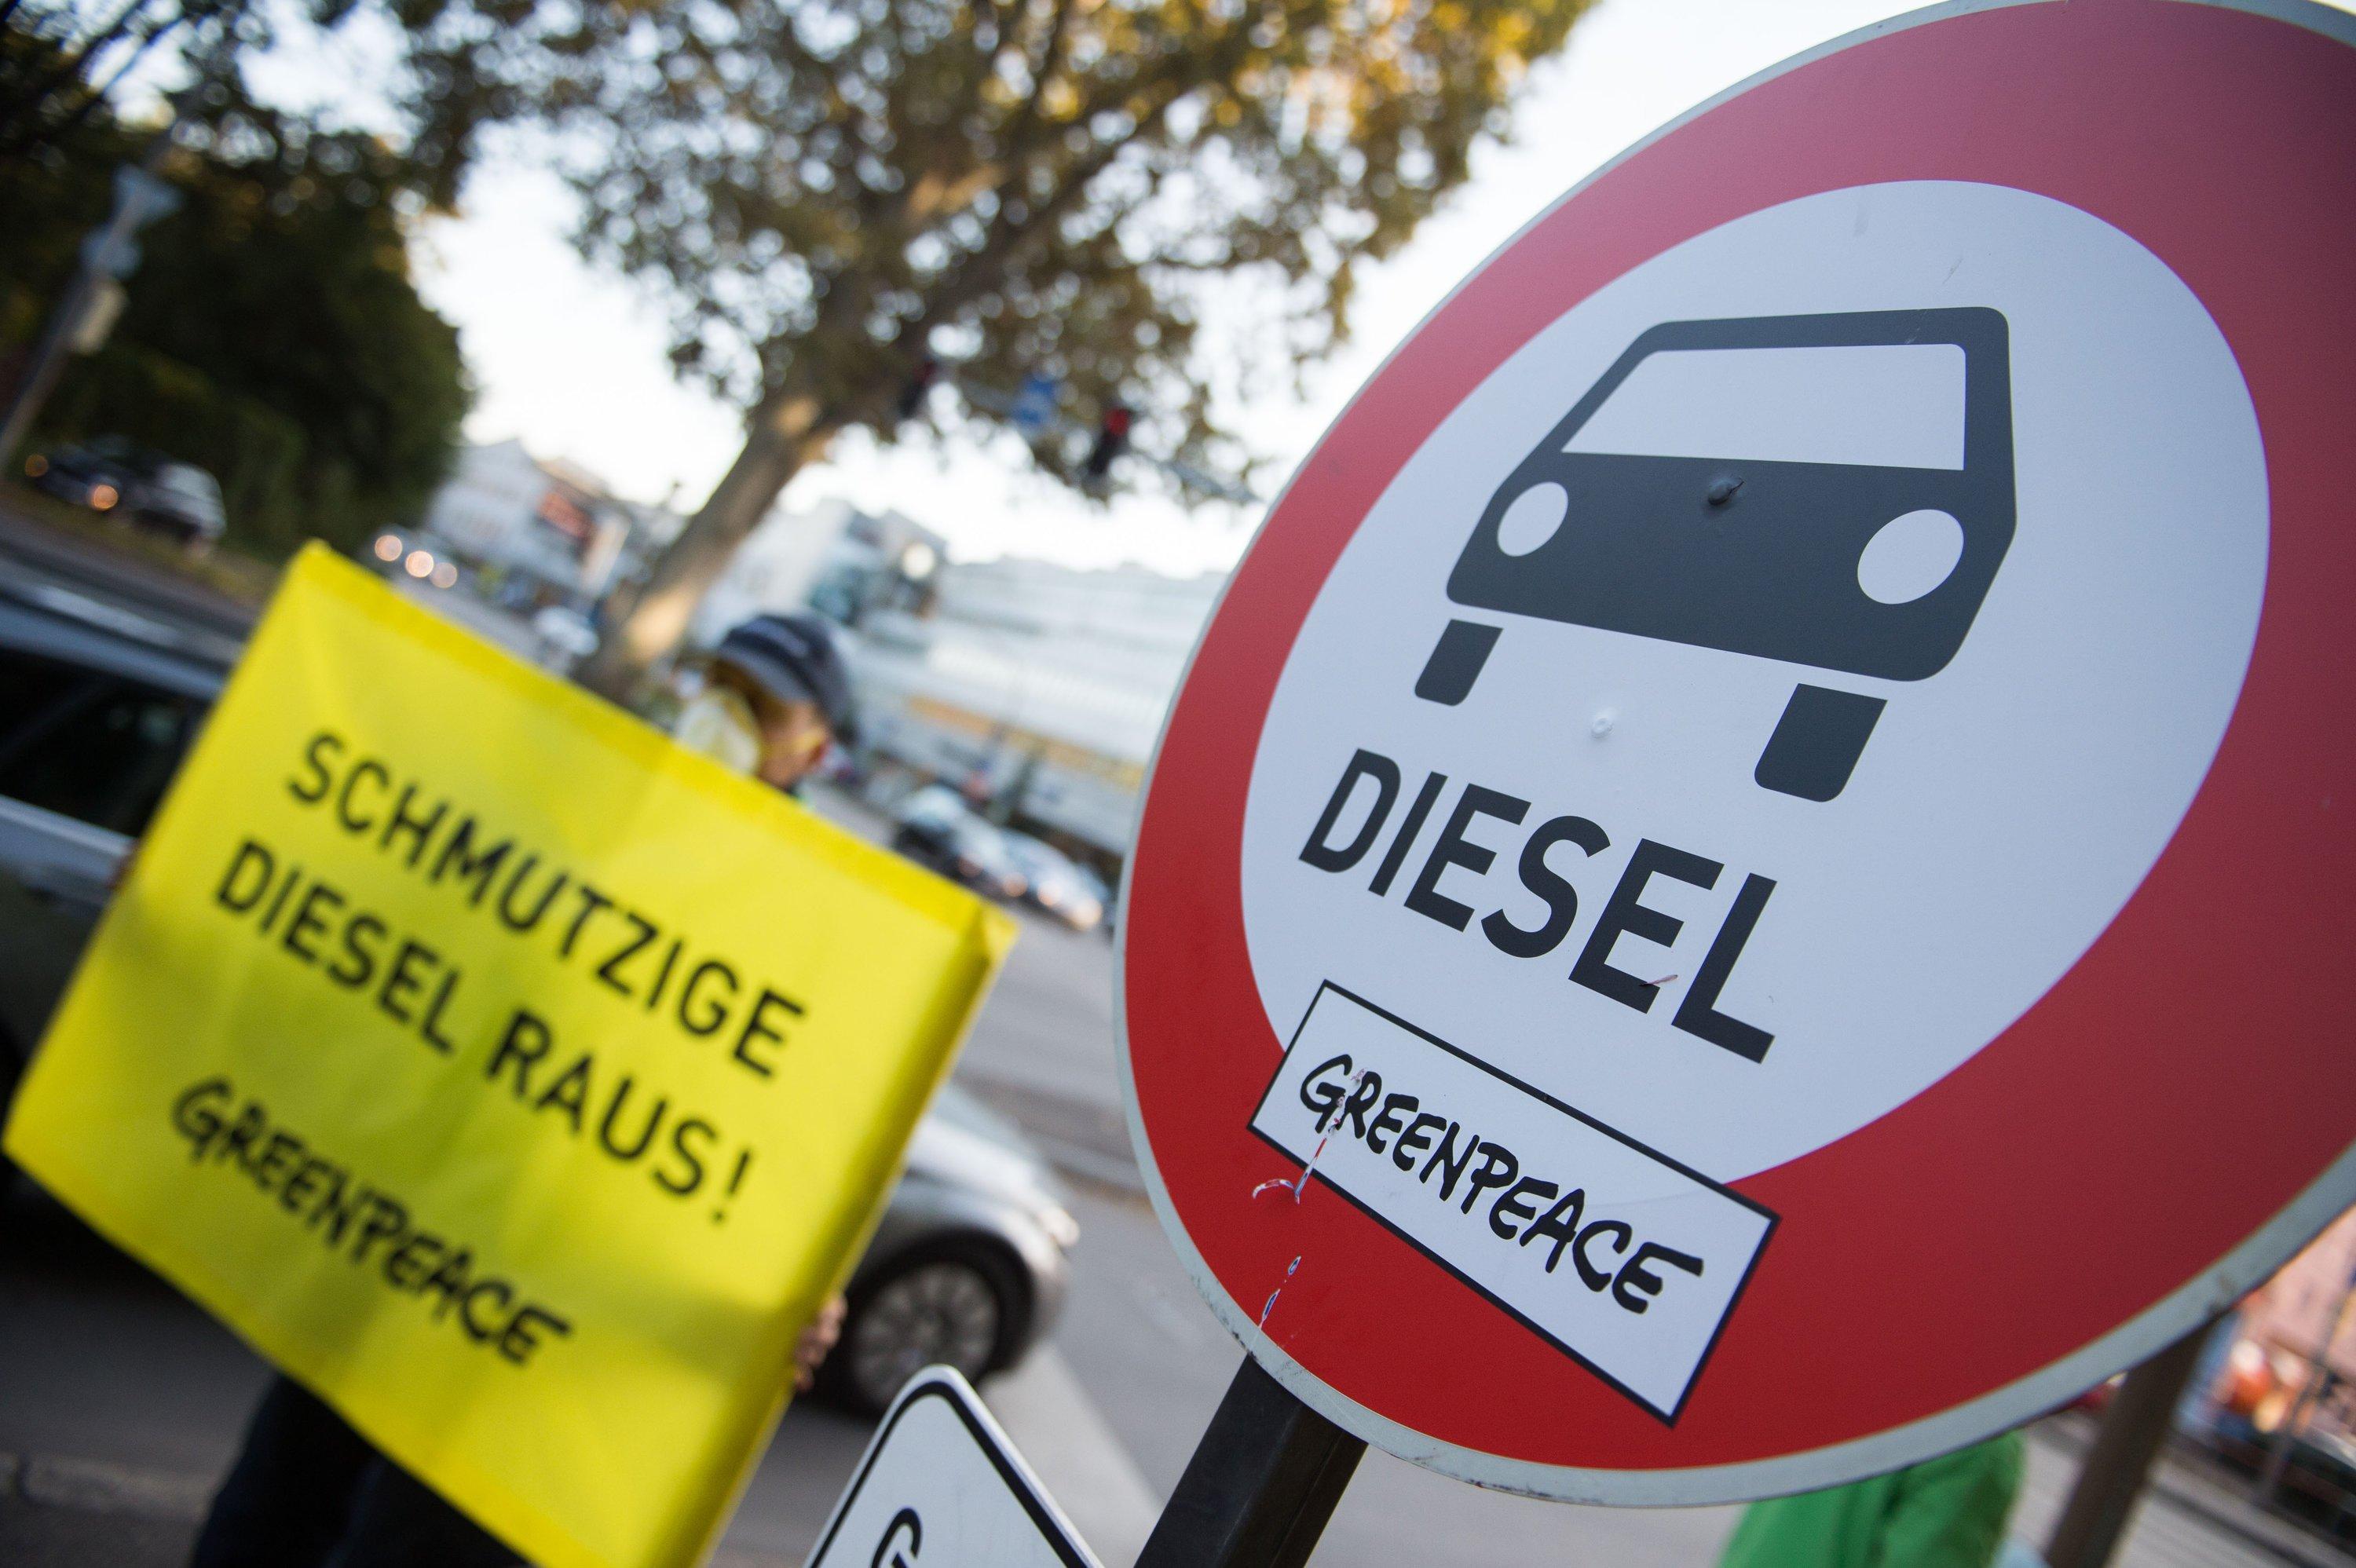 Greenpeace-Protest gegen Dieselautos: Der Dieselmotor gerät immer stärker unter Druck. Bei den ersten Fahrverboten für Euro-5-Diesel im kommenden Jahr dürften deren Restwerte in den Keller rauschen. Dabei sind diese Autos erst wenige Jahre alt.